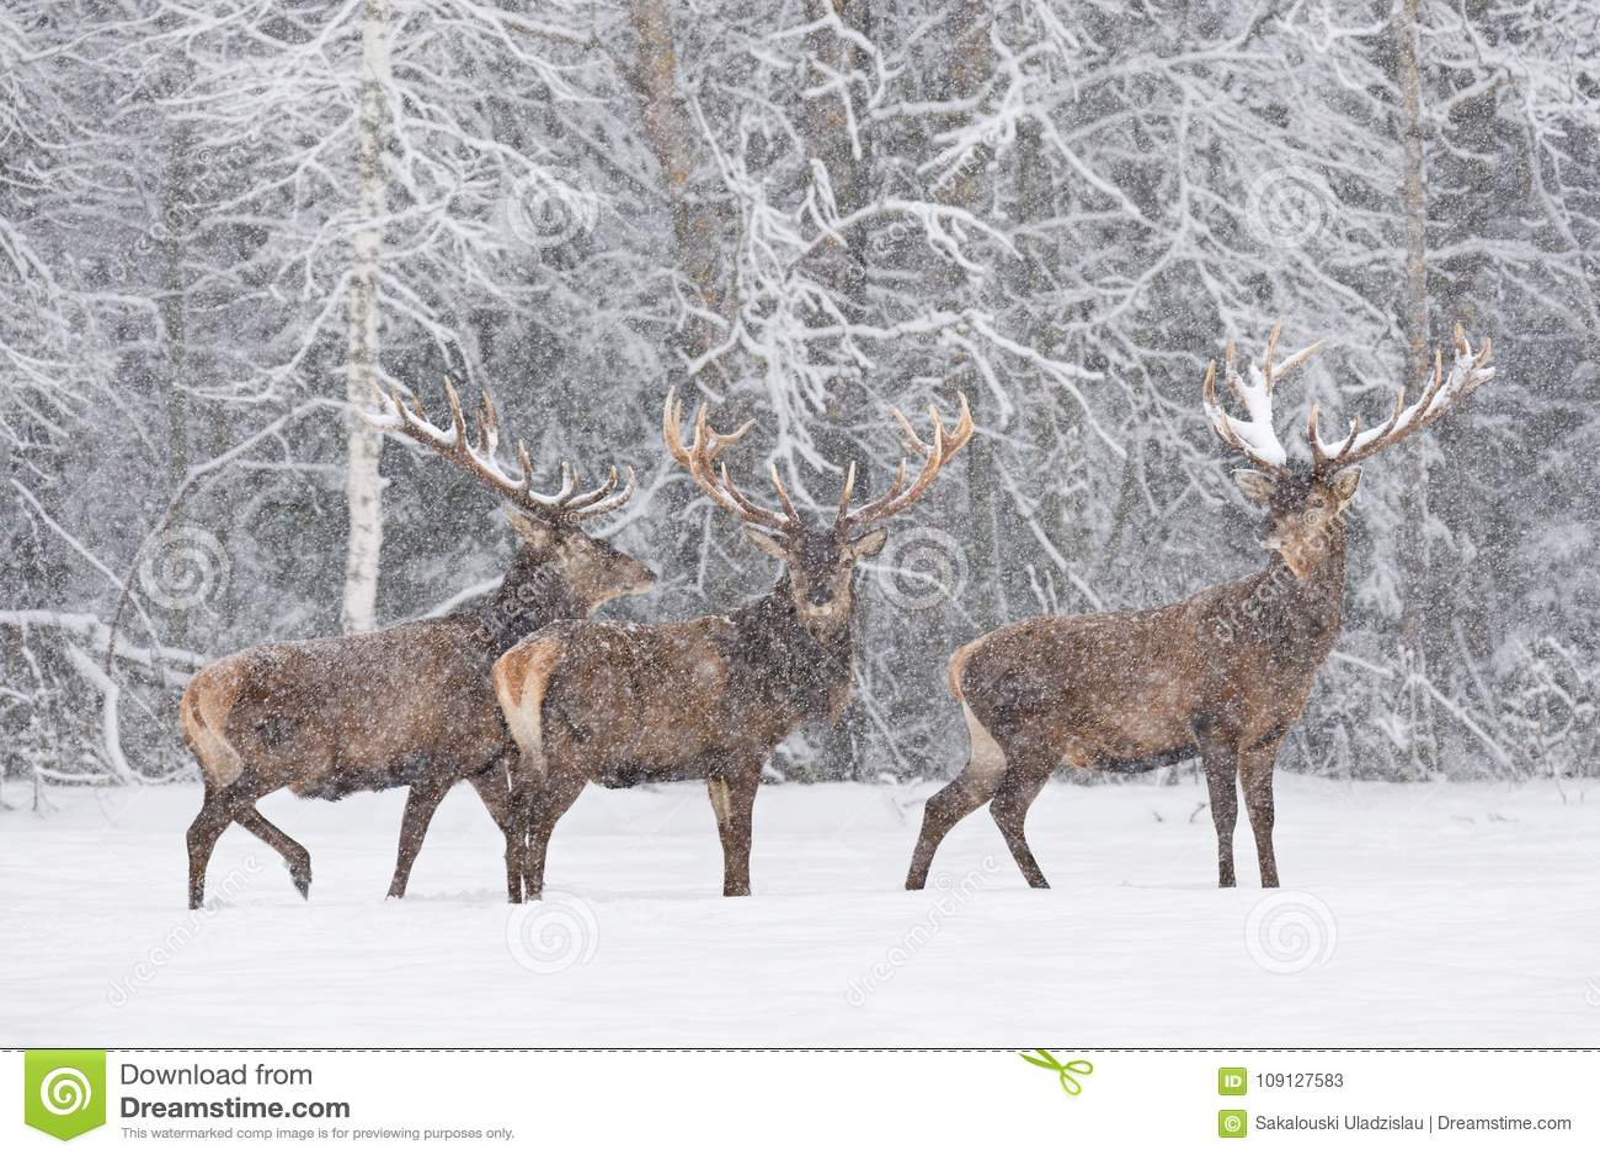 Pozwalać Mnie śnieg: Trzy Czerwonego rogacza jelenia Cervidae śnieżysty stojak Na obrzeżach ForestThree Szlachetny Jeleni Cervus